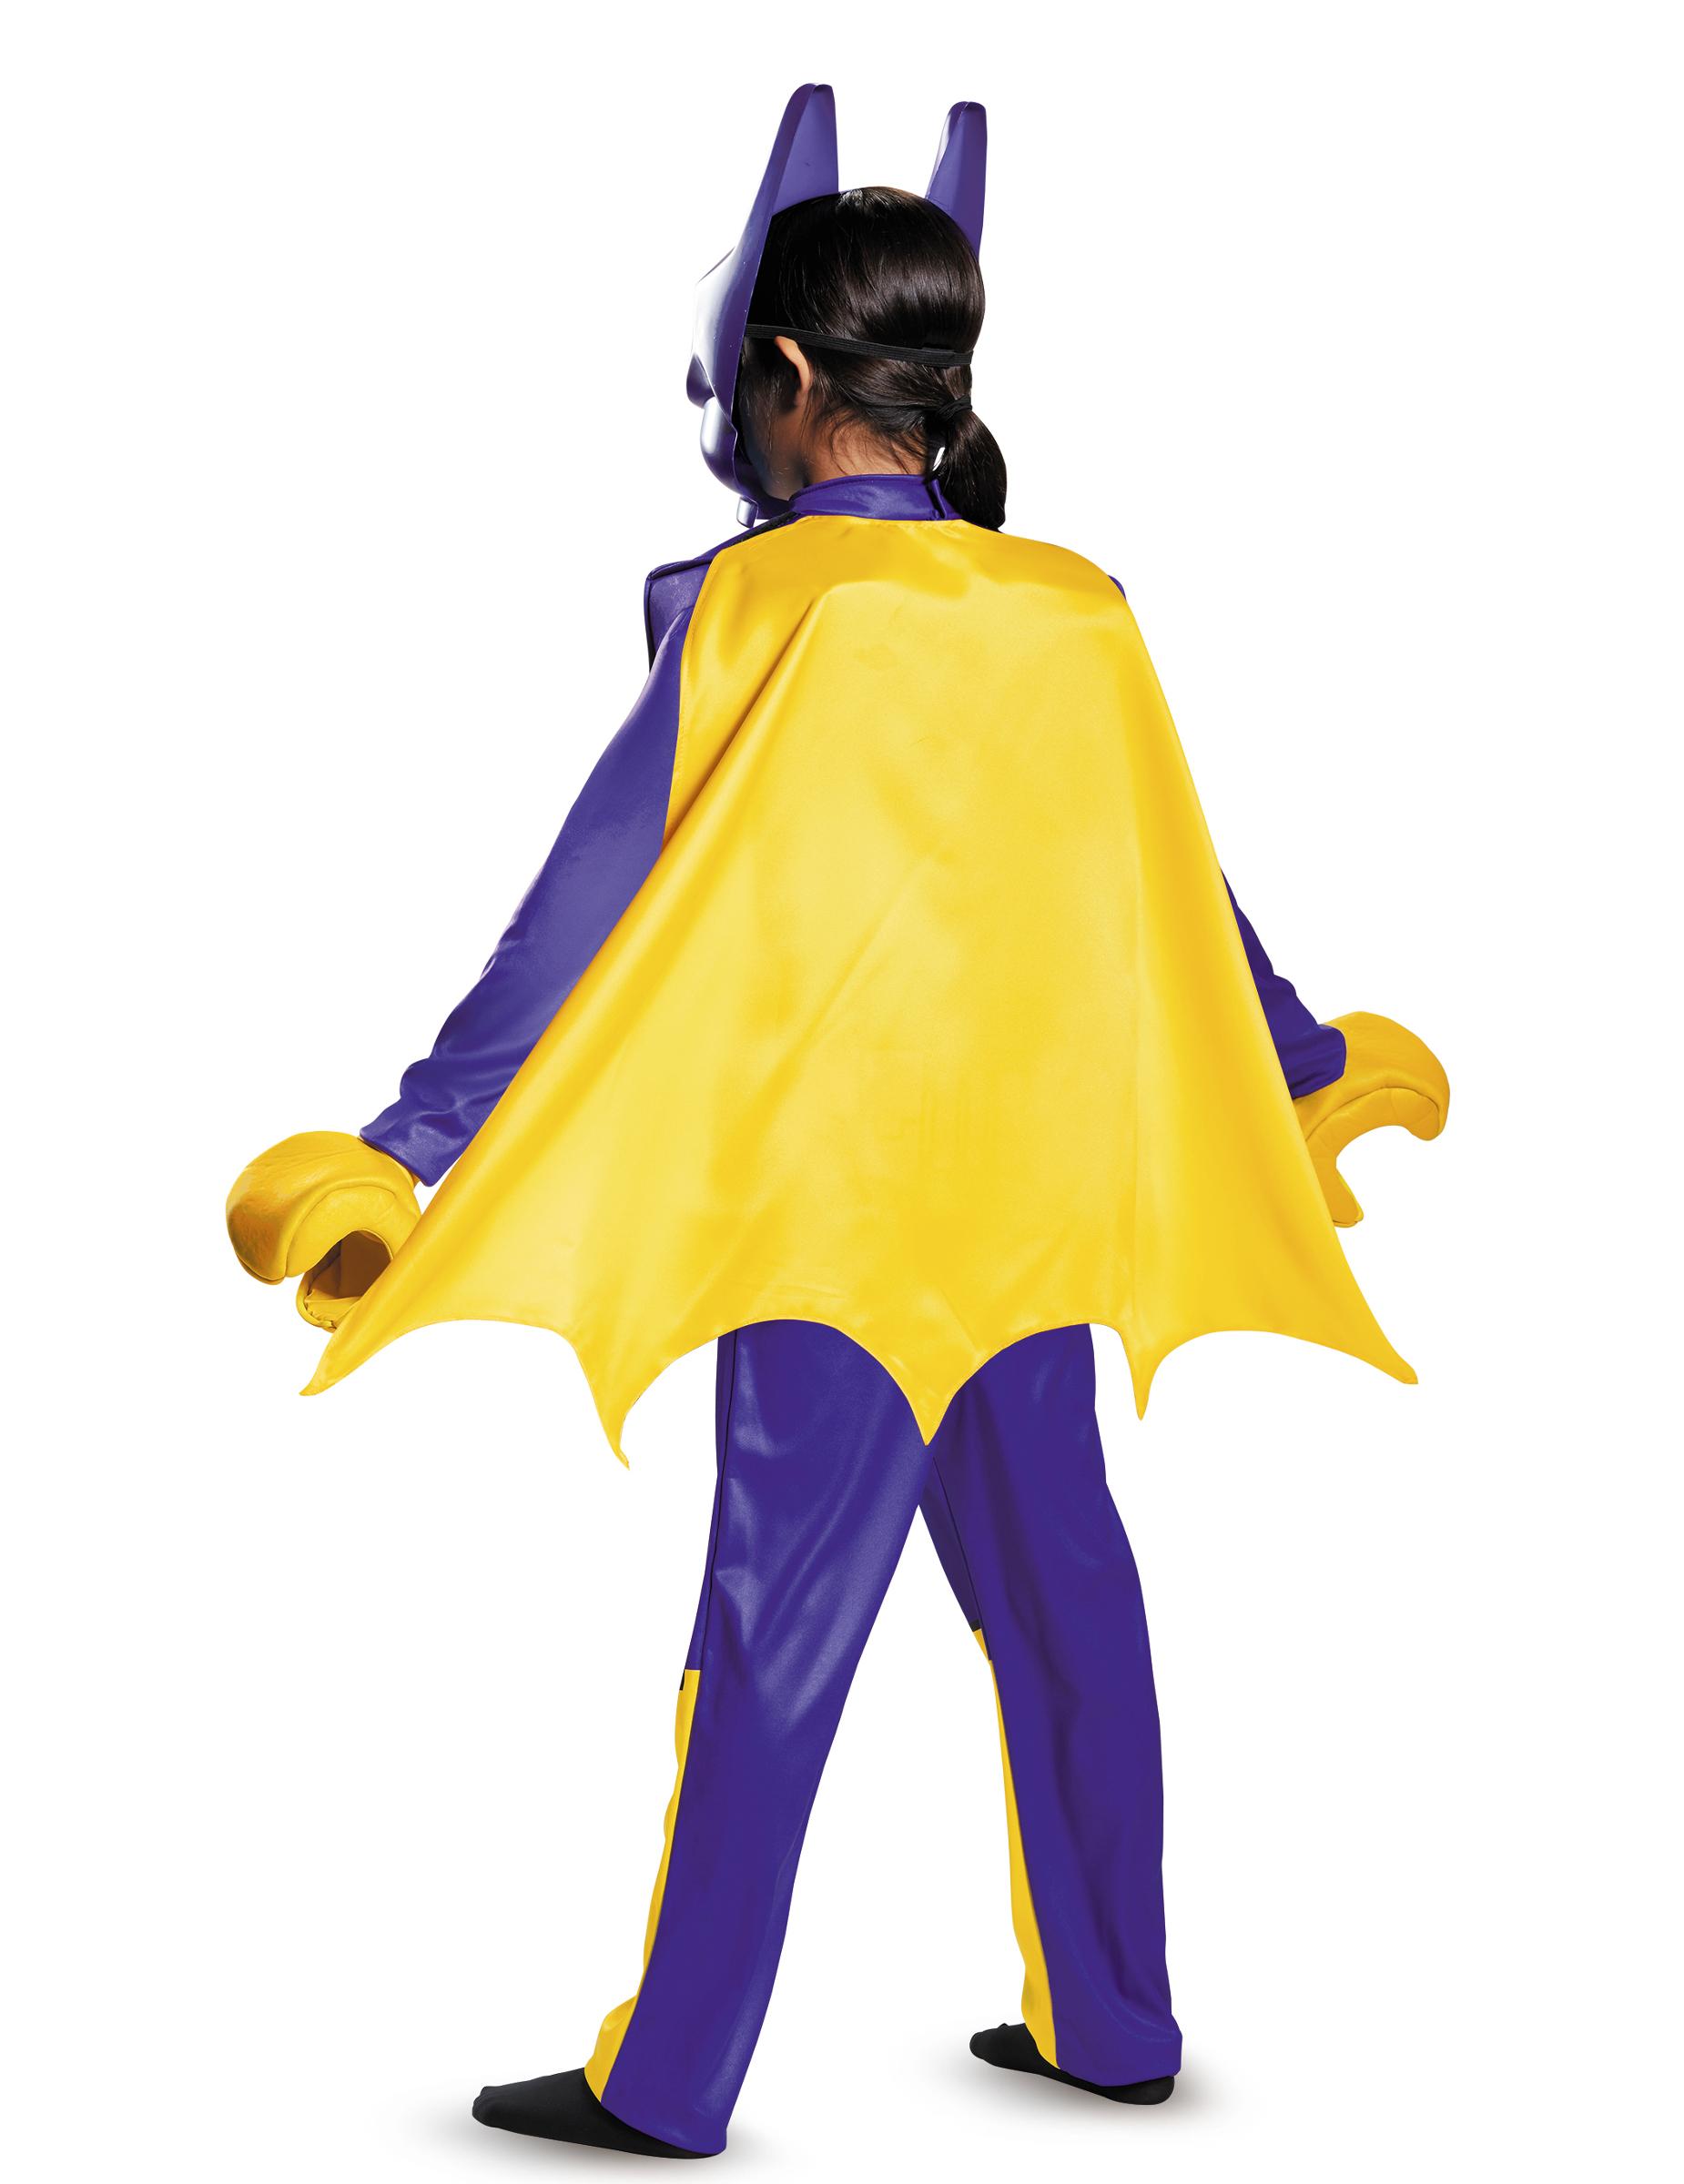 D guisement deluxe batgirl lego movie enfant deguise toi achat de d guisements enfants - Deguisement tete de lego ...